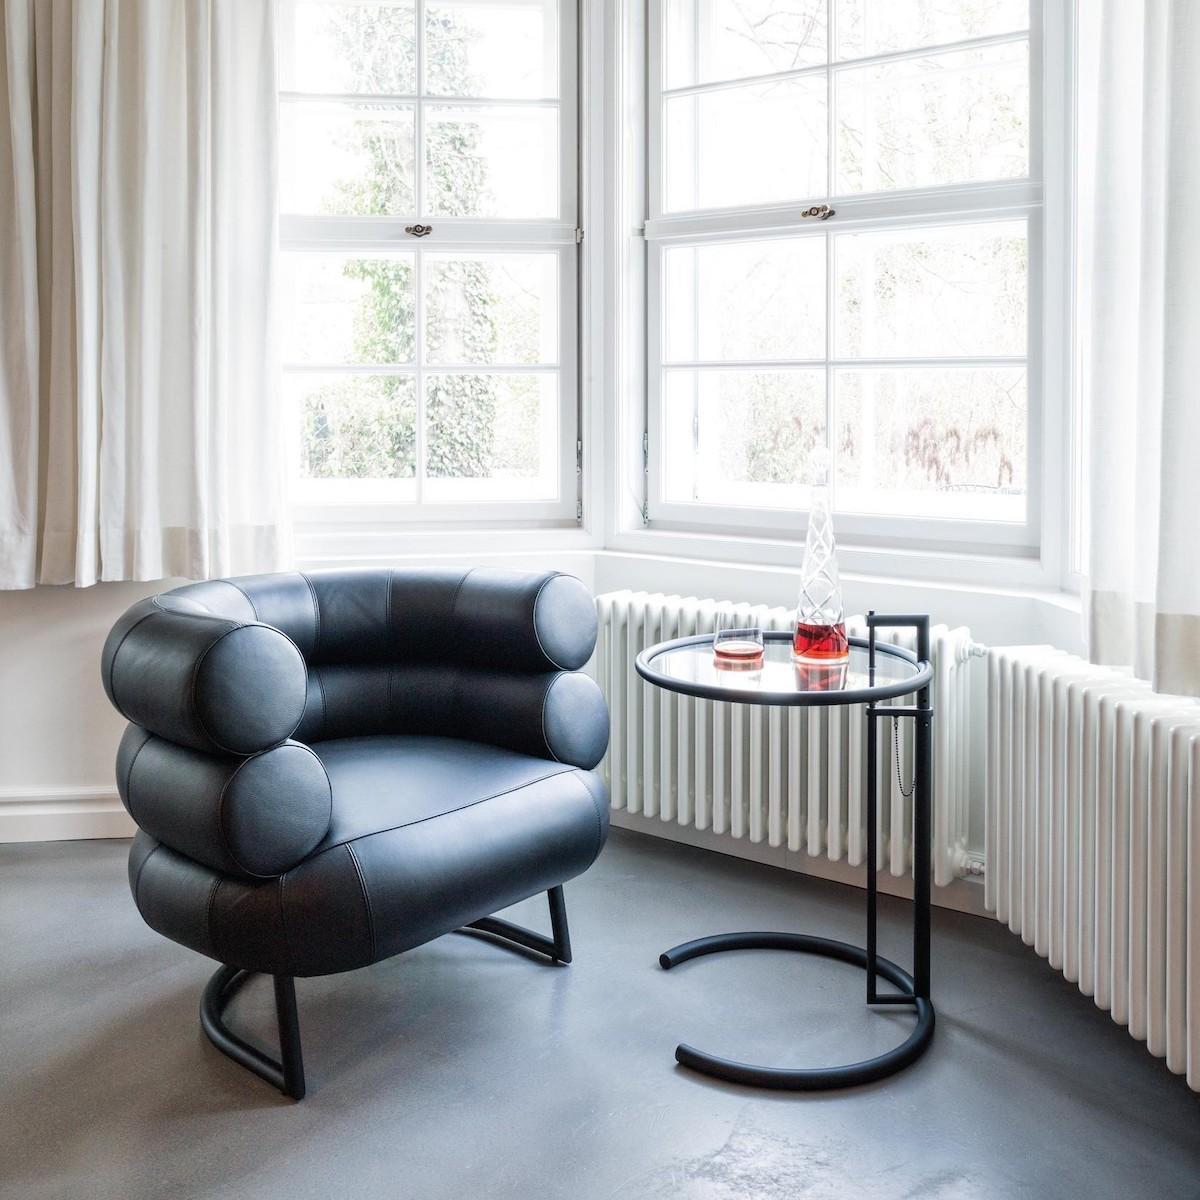 fauteuil design bibendum eileen gray icone design table basse cuir noir - blog déco - clematc